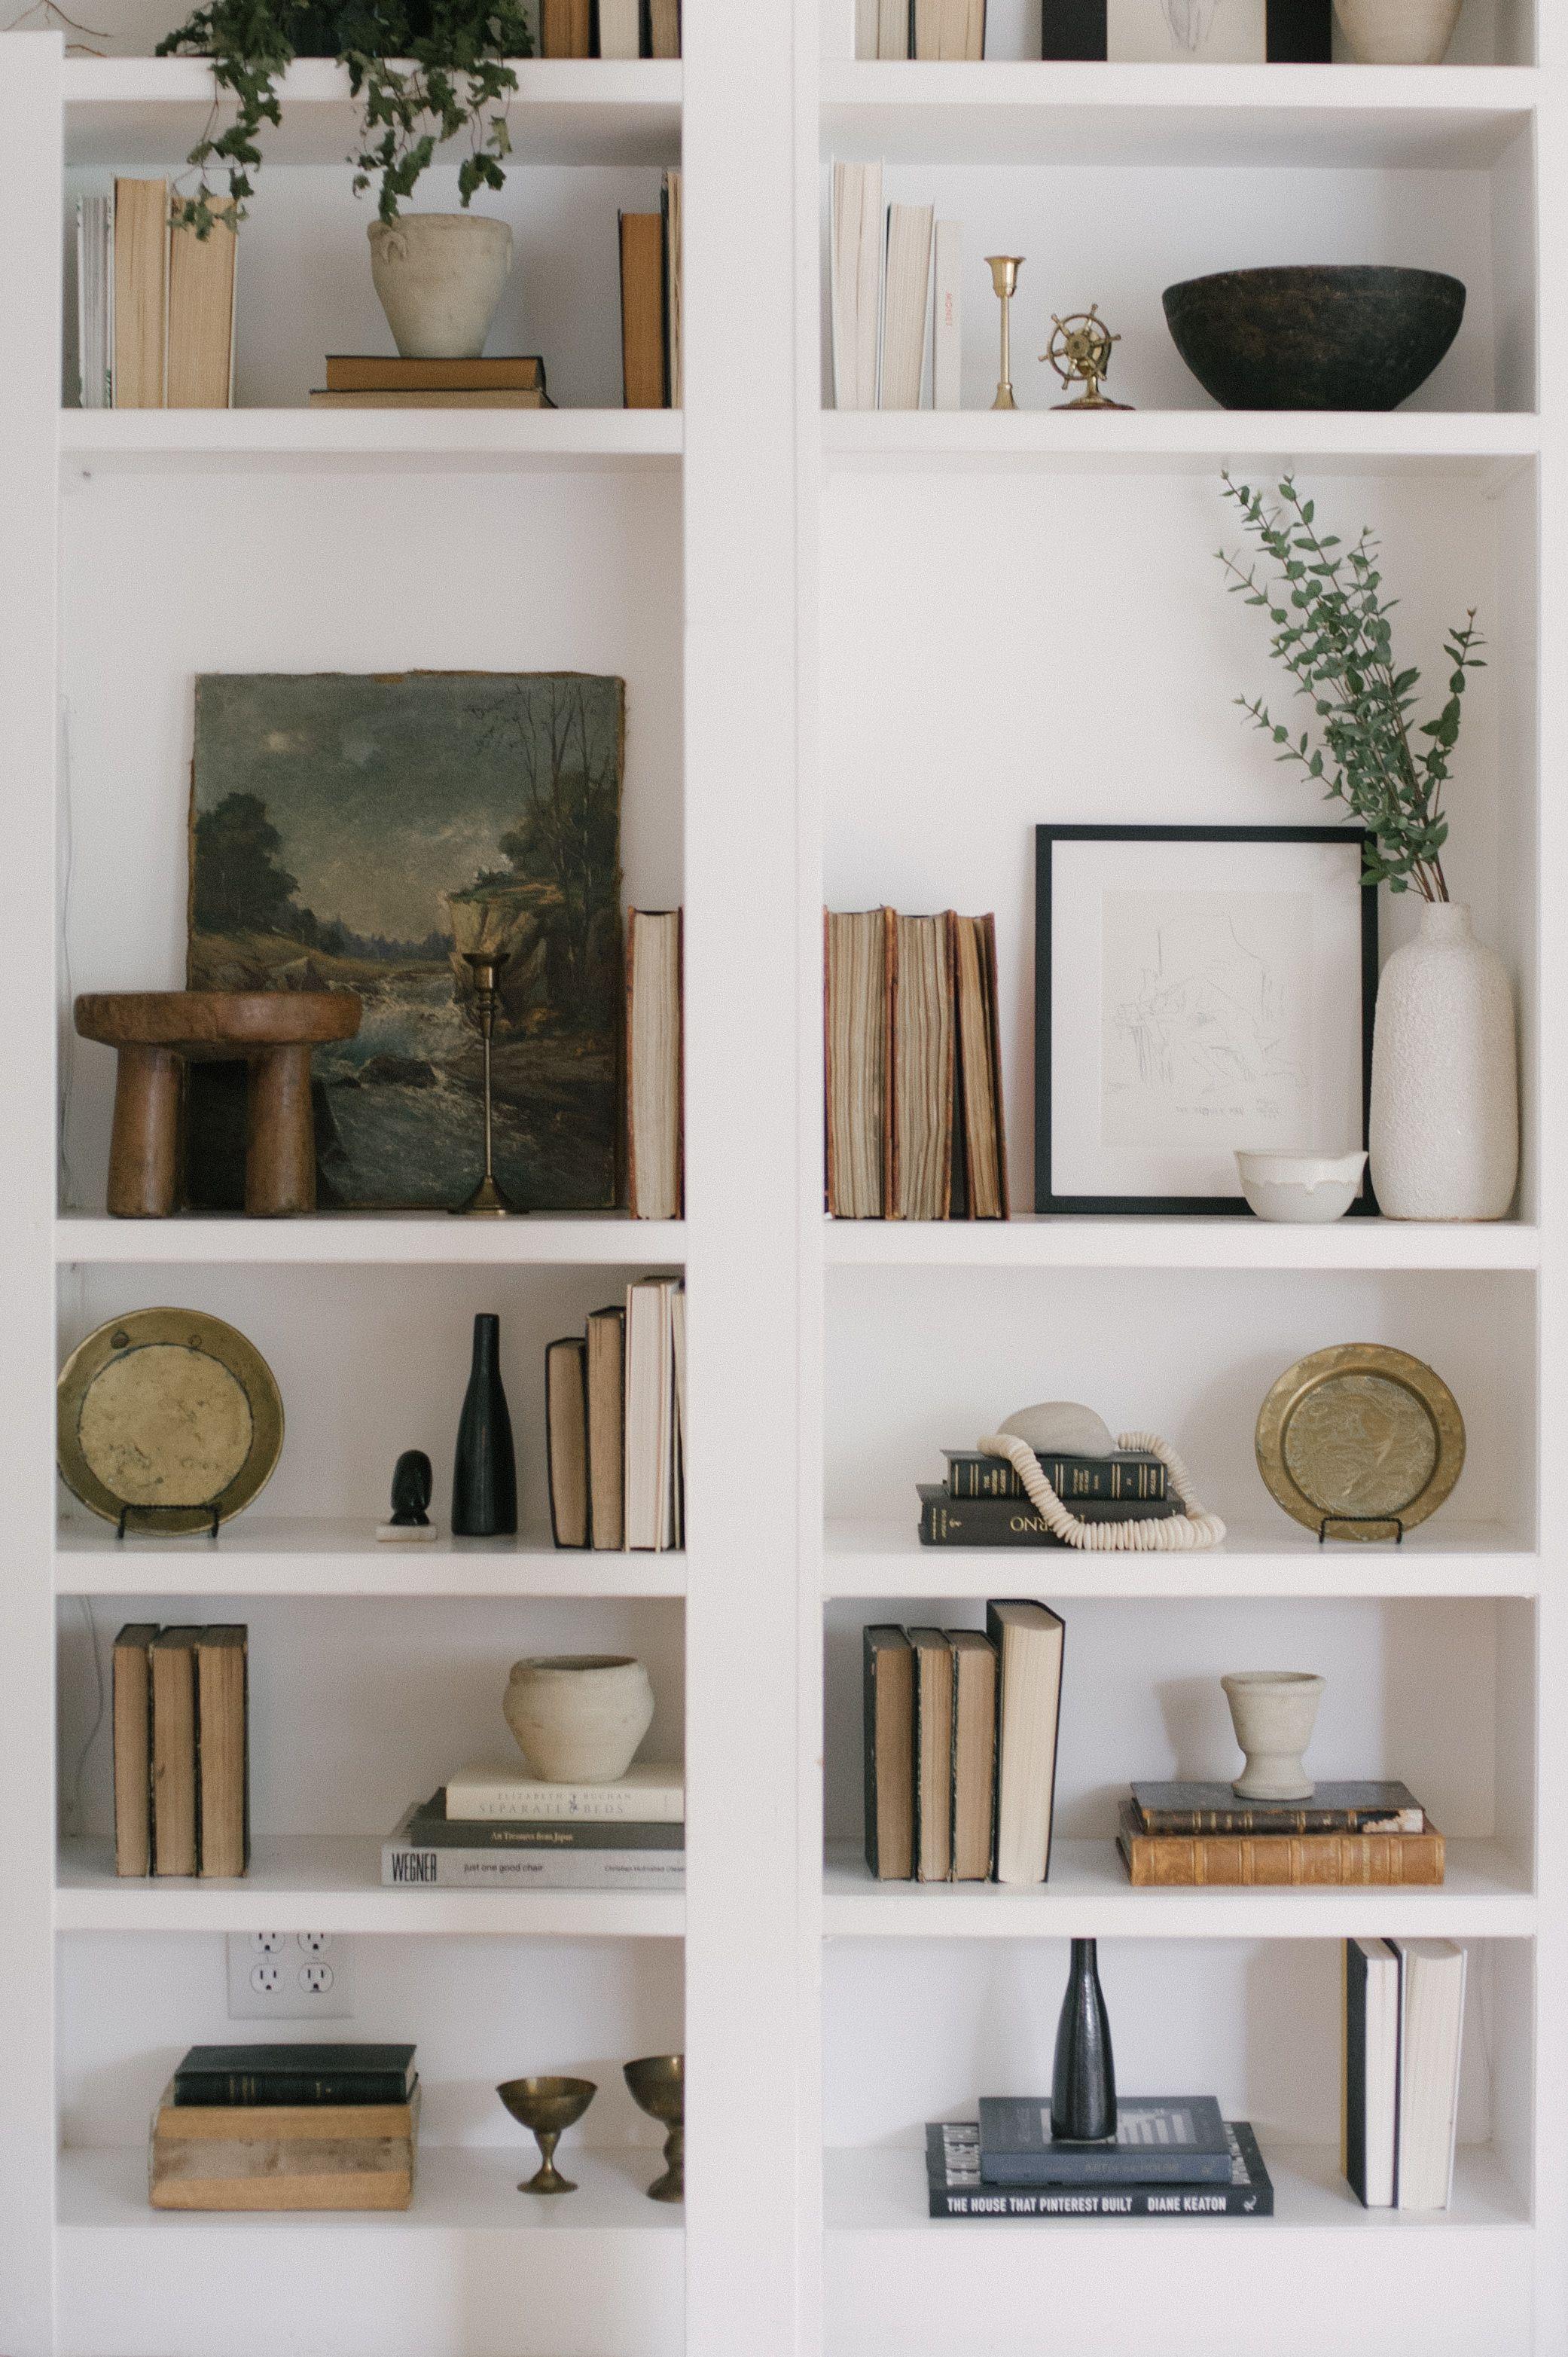 Idée décoration intérieure maison - déco salon - aménagement